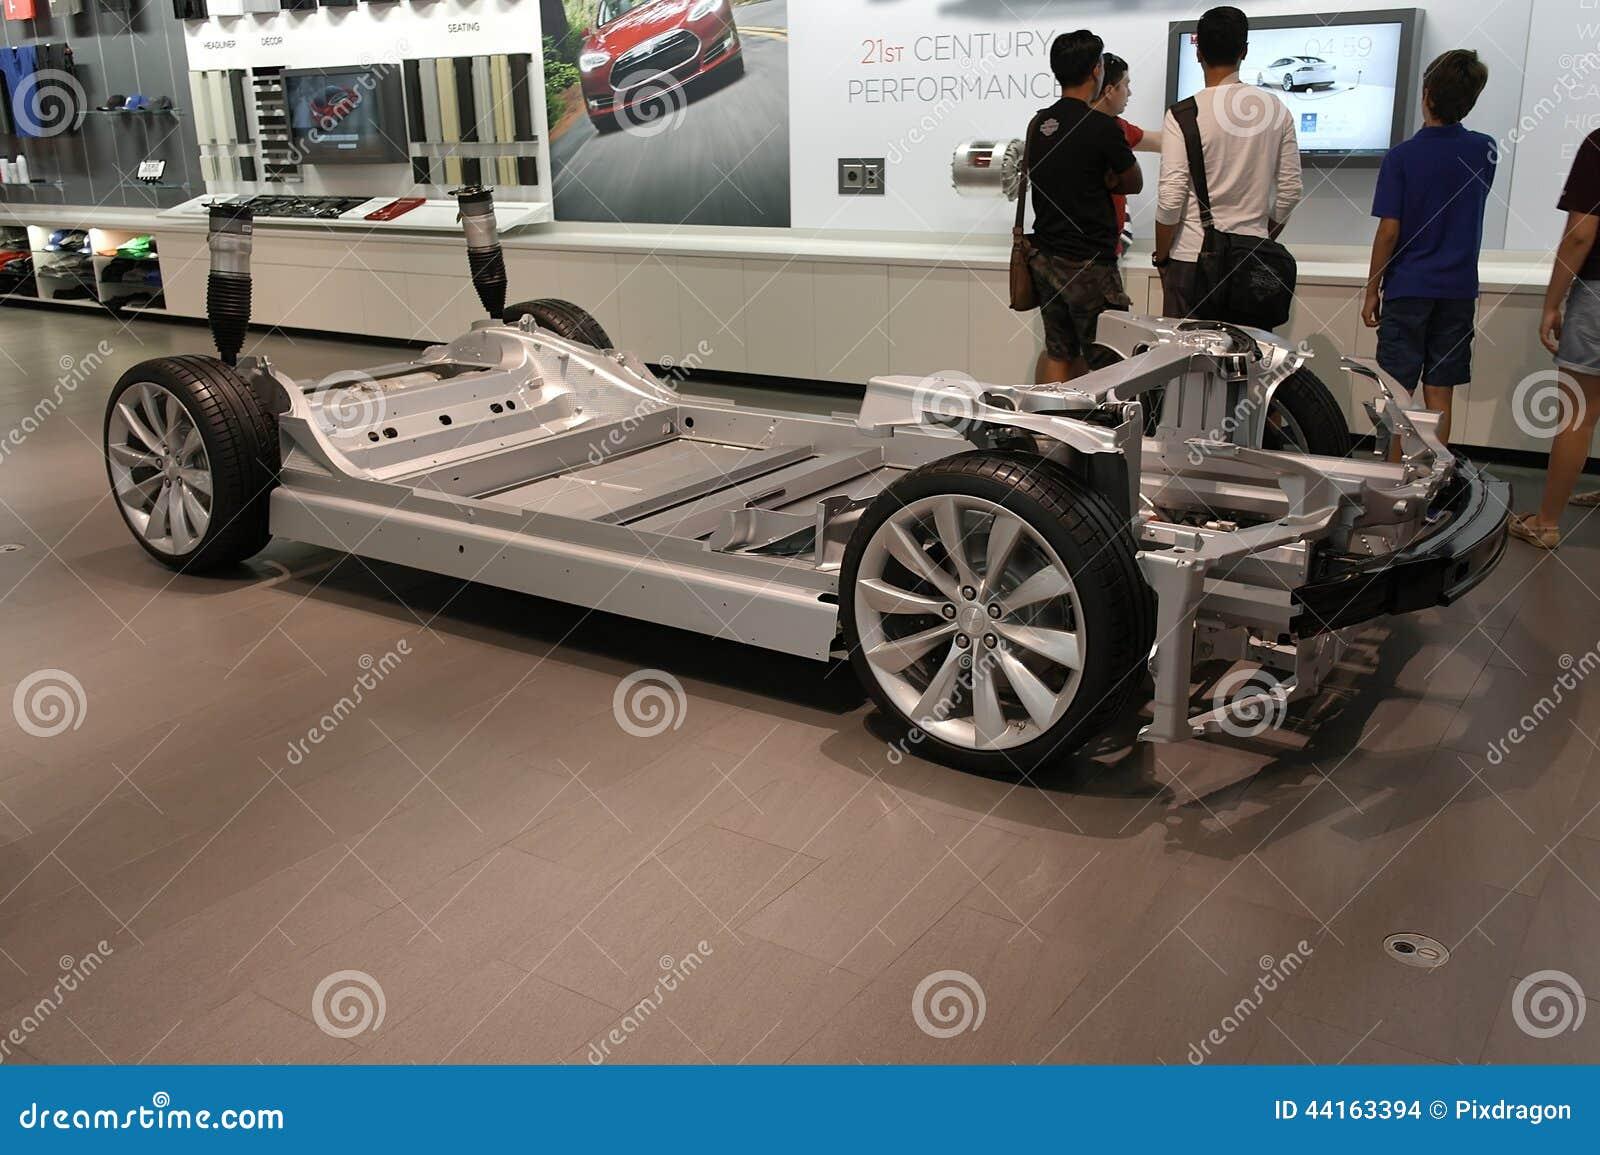 achat pour une voiture lectrique image stock ditorial image 44163394. Black Bedroom Furniture Sets. Home Design Ideas